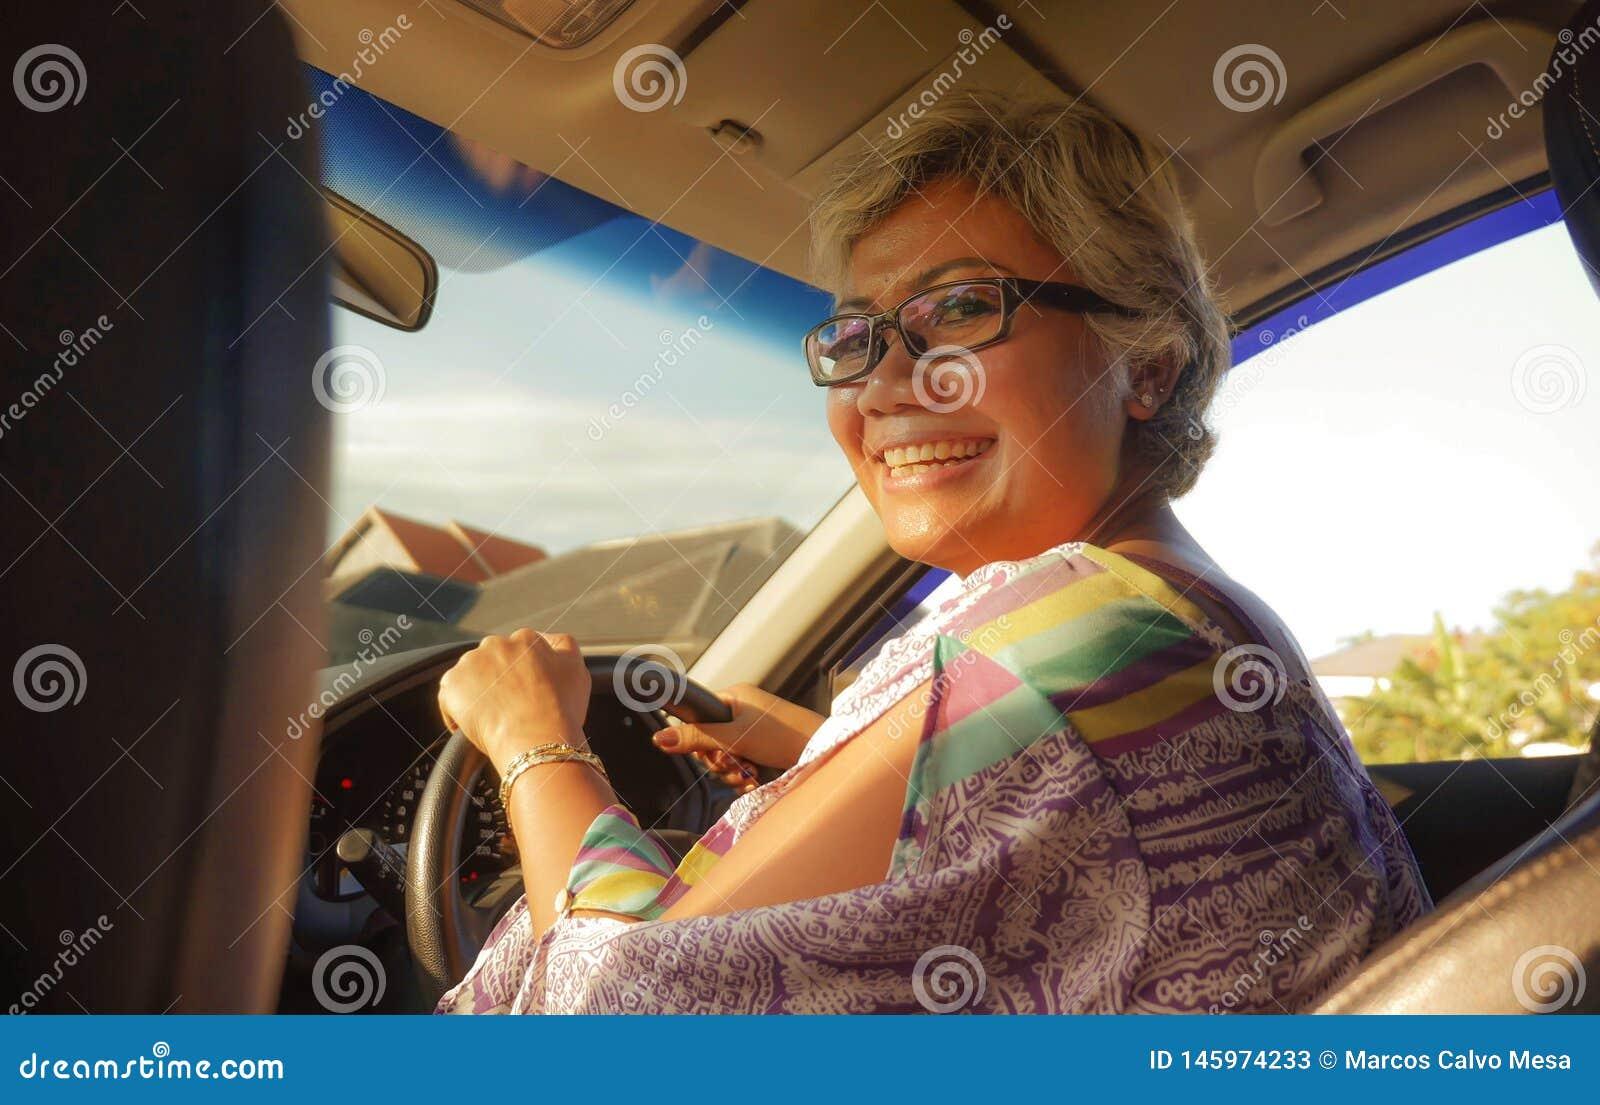 生活方式中部夏天画象变老了驾驶左手汽车微笑的愉快和可爱的优等的亚裔印度尼西亚妇女快乐